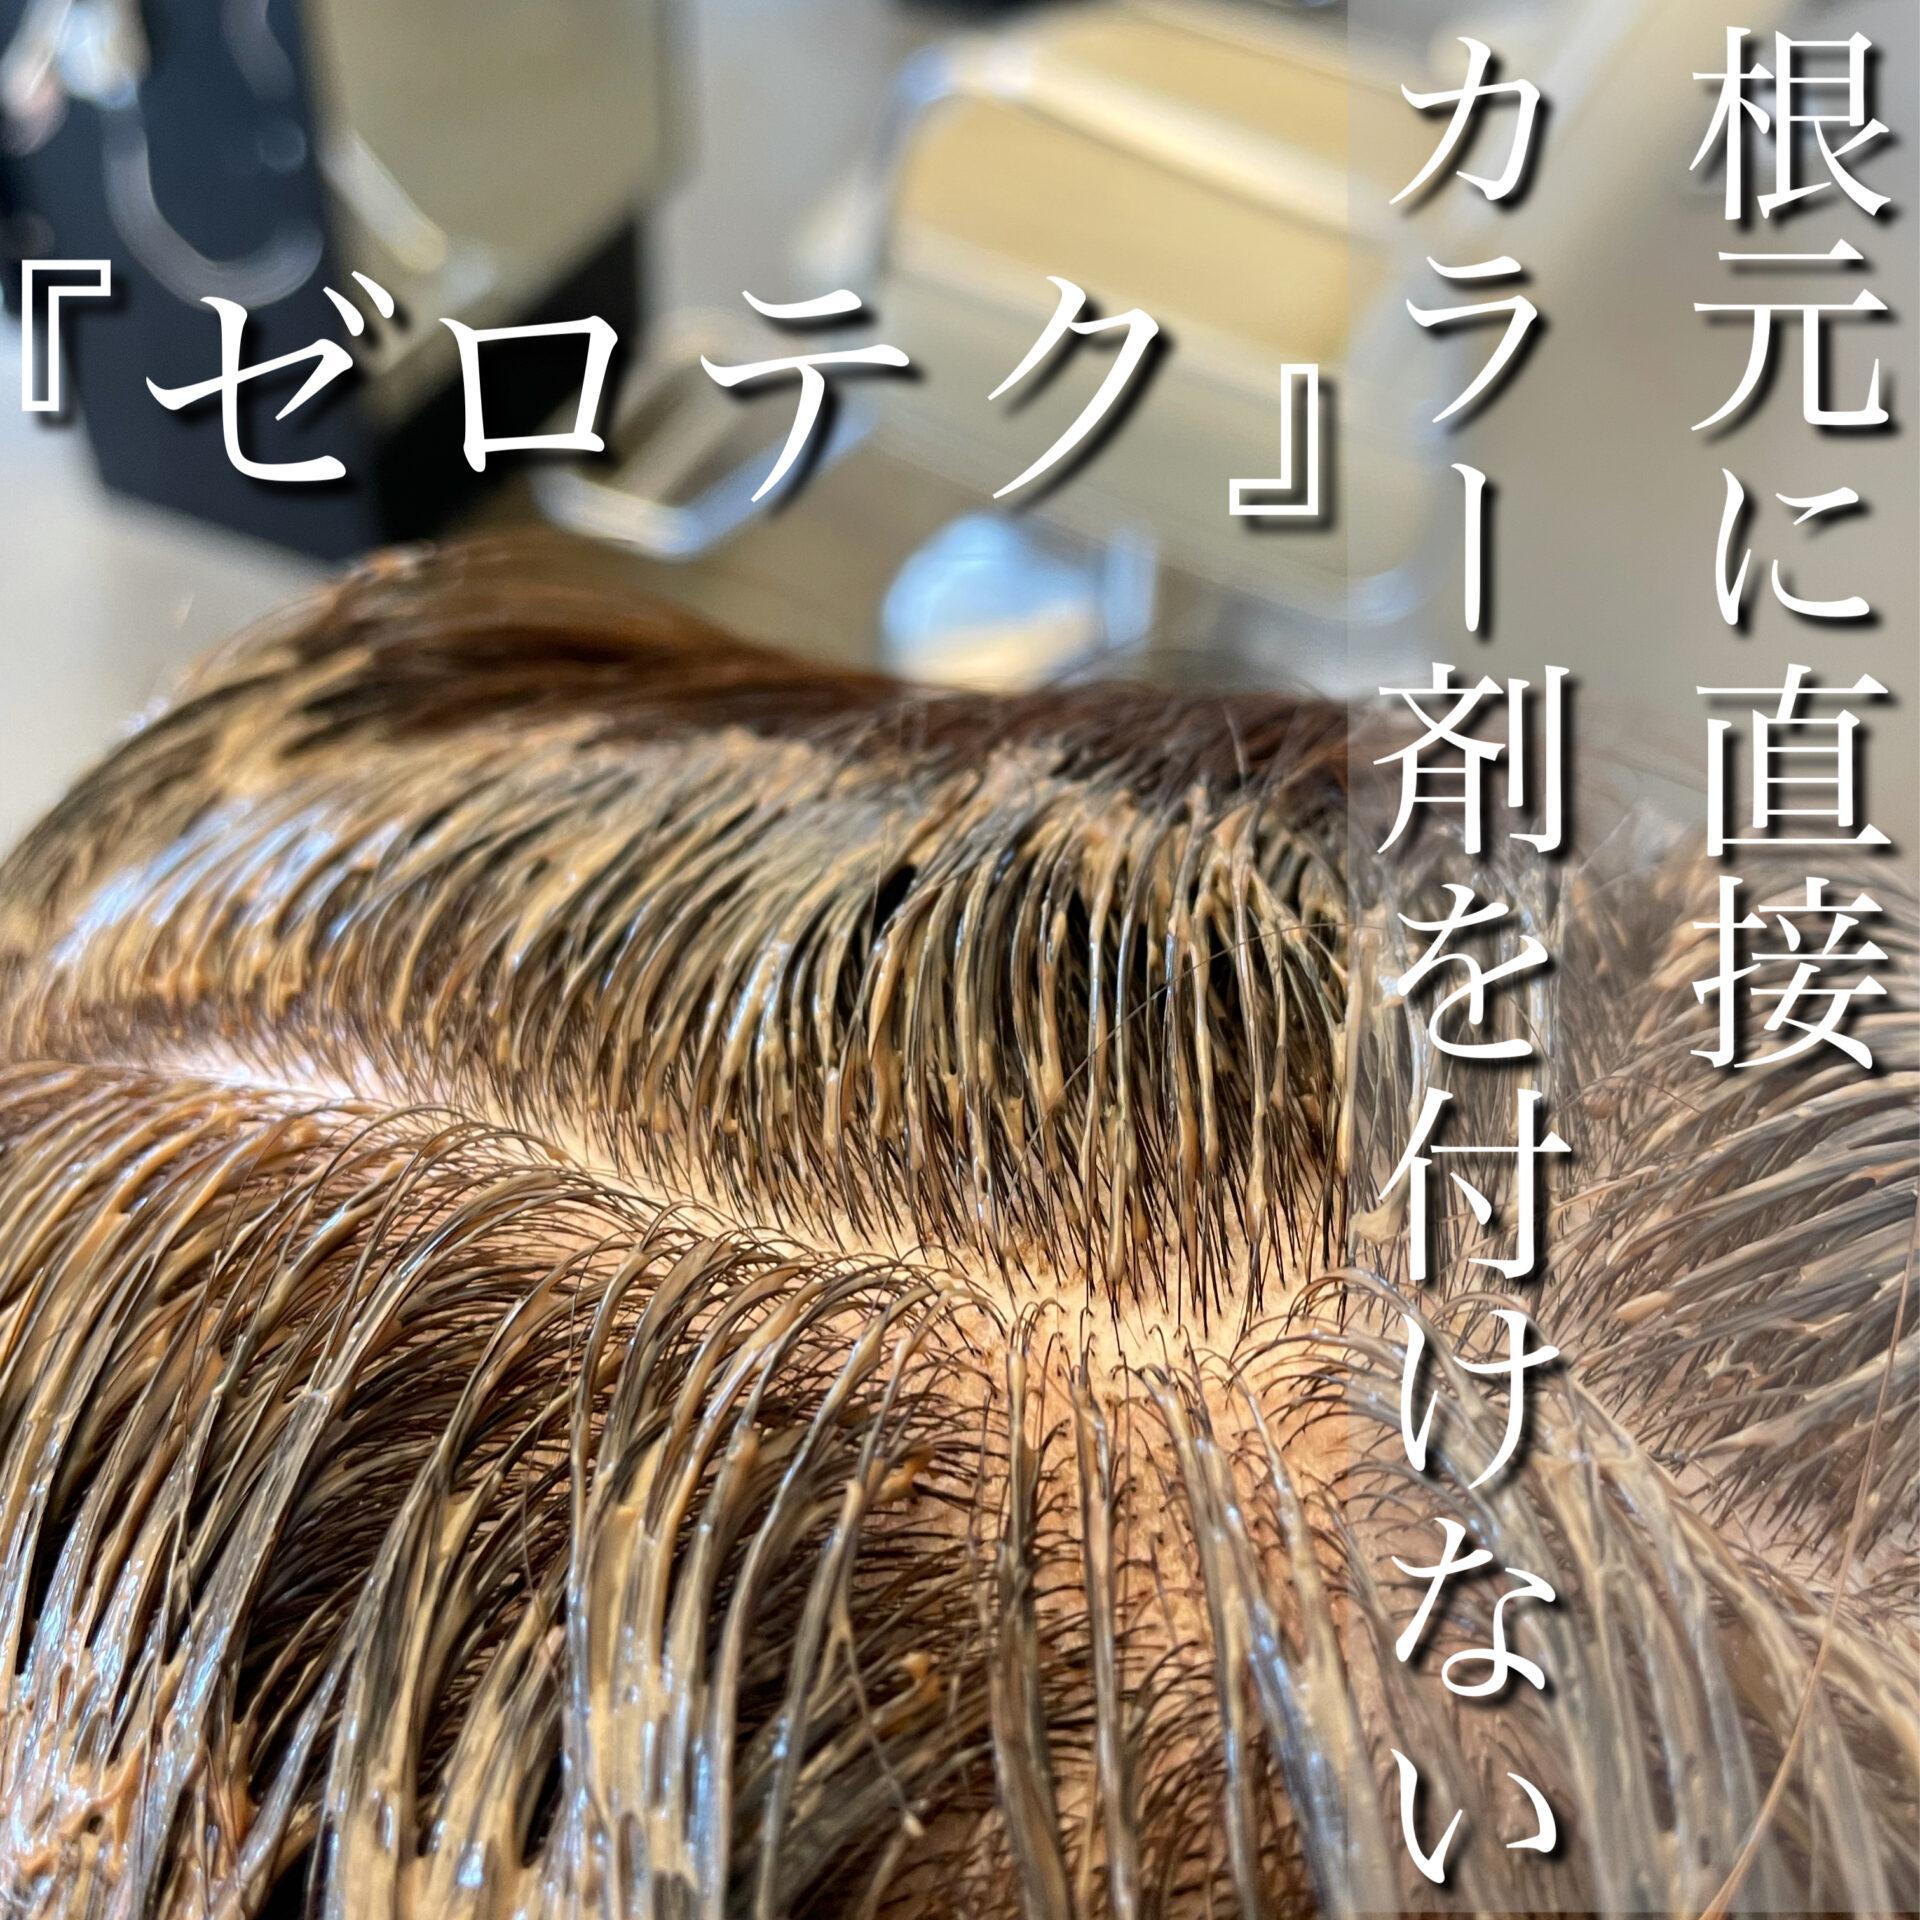 頭皮にストレスフリーな染め方があります♪